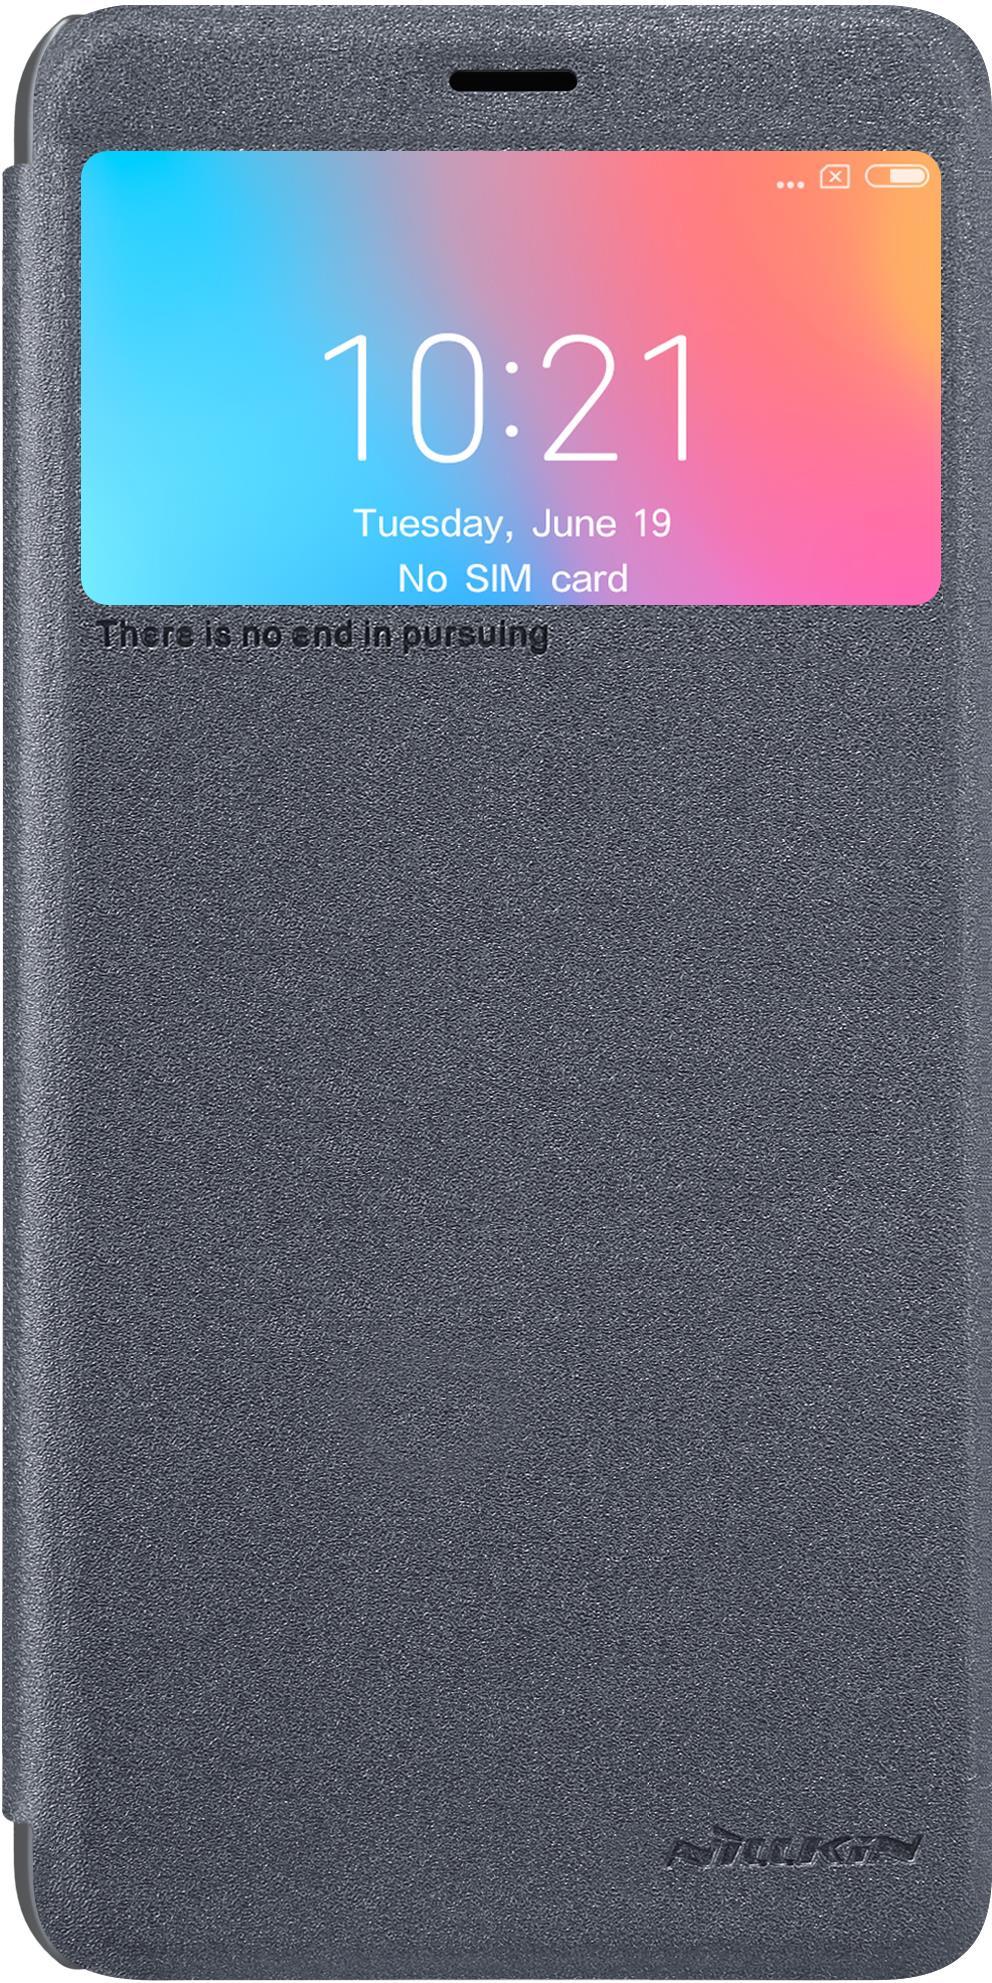 Чехол-книжка Nillkin Sparkle для Redmi 6, 6902048161115, черный цена